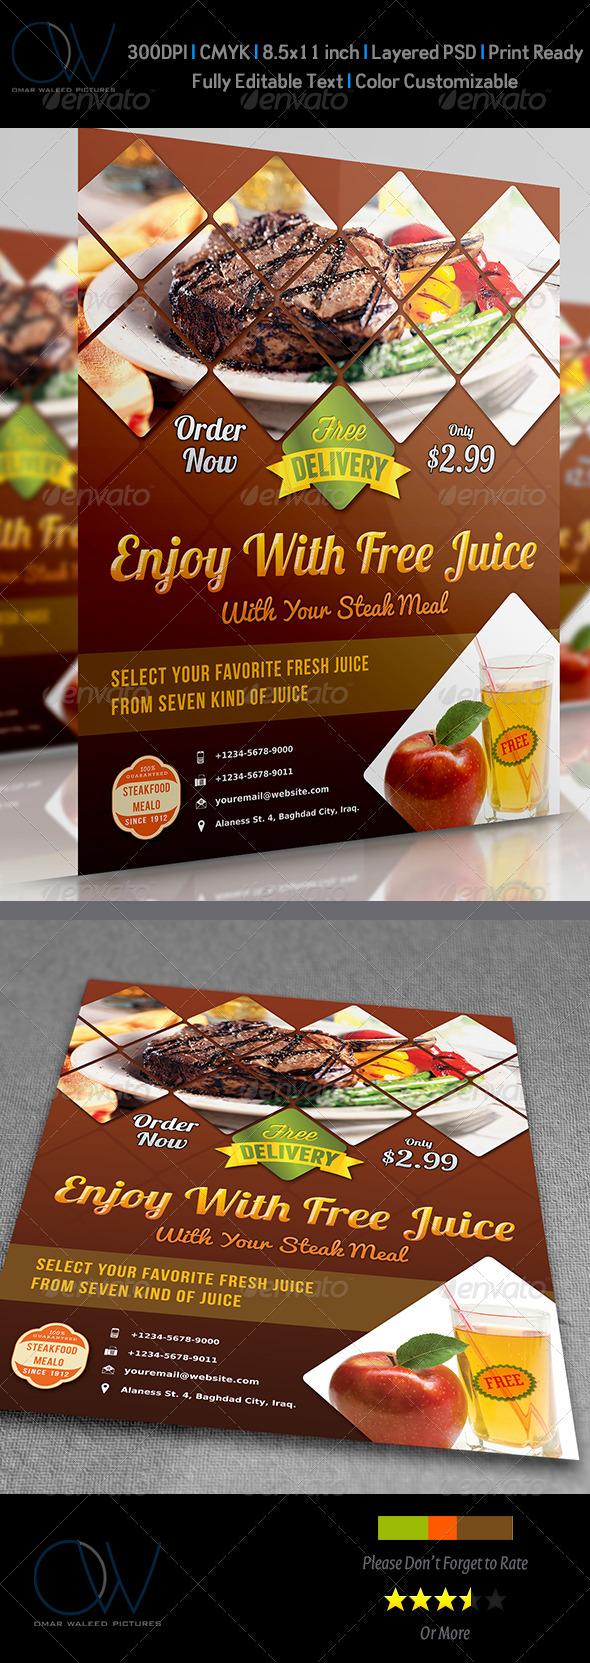 Steak Restaurant Flyer - Restaurant Flyers